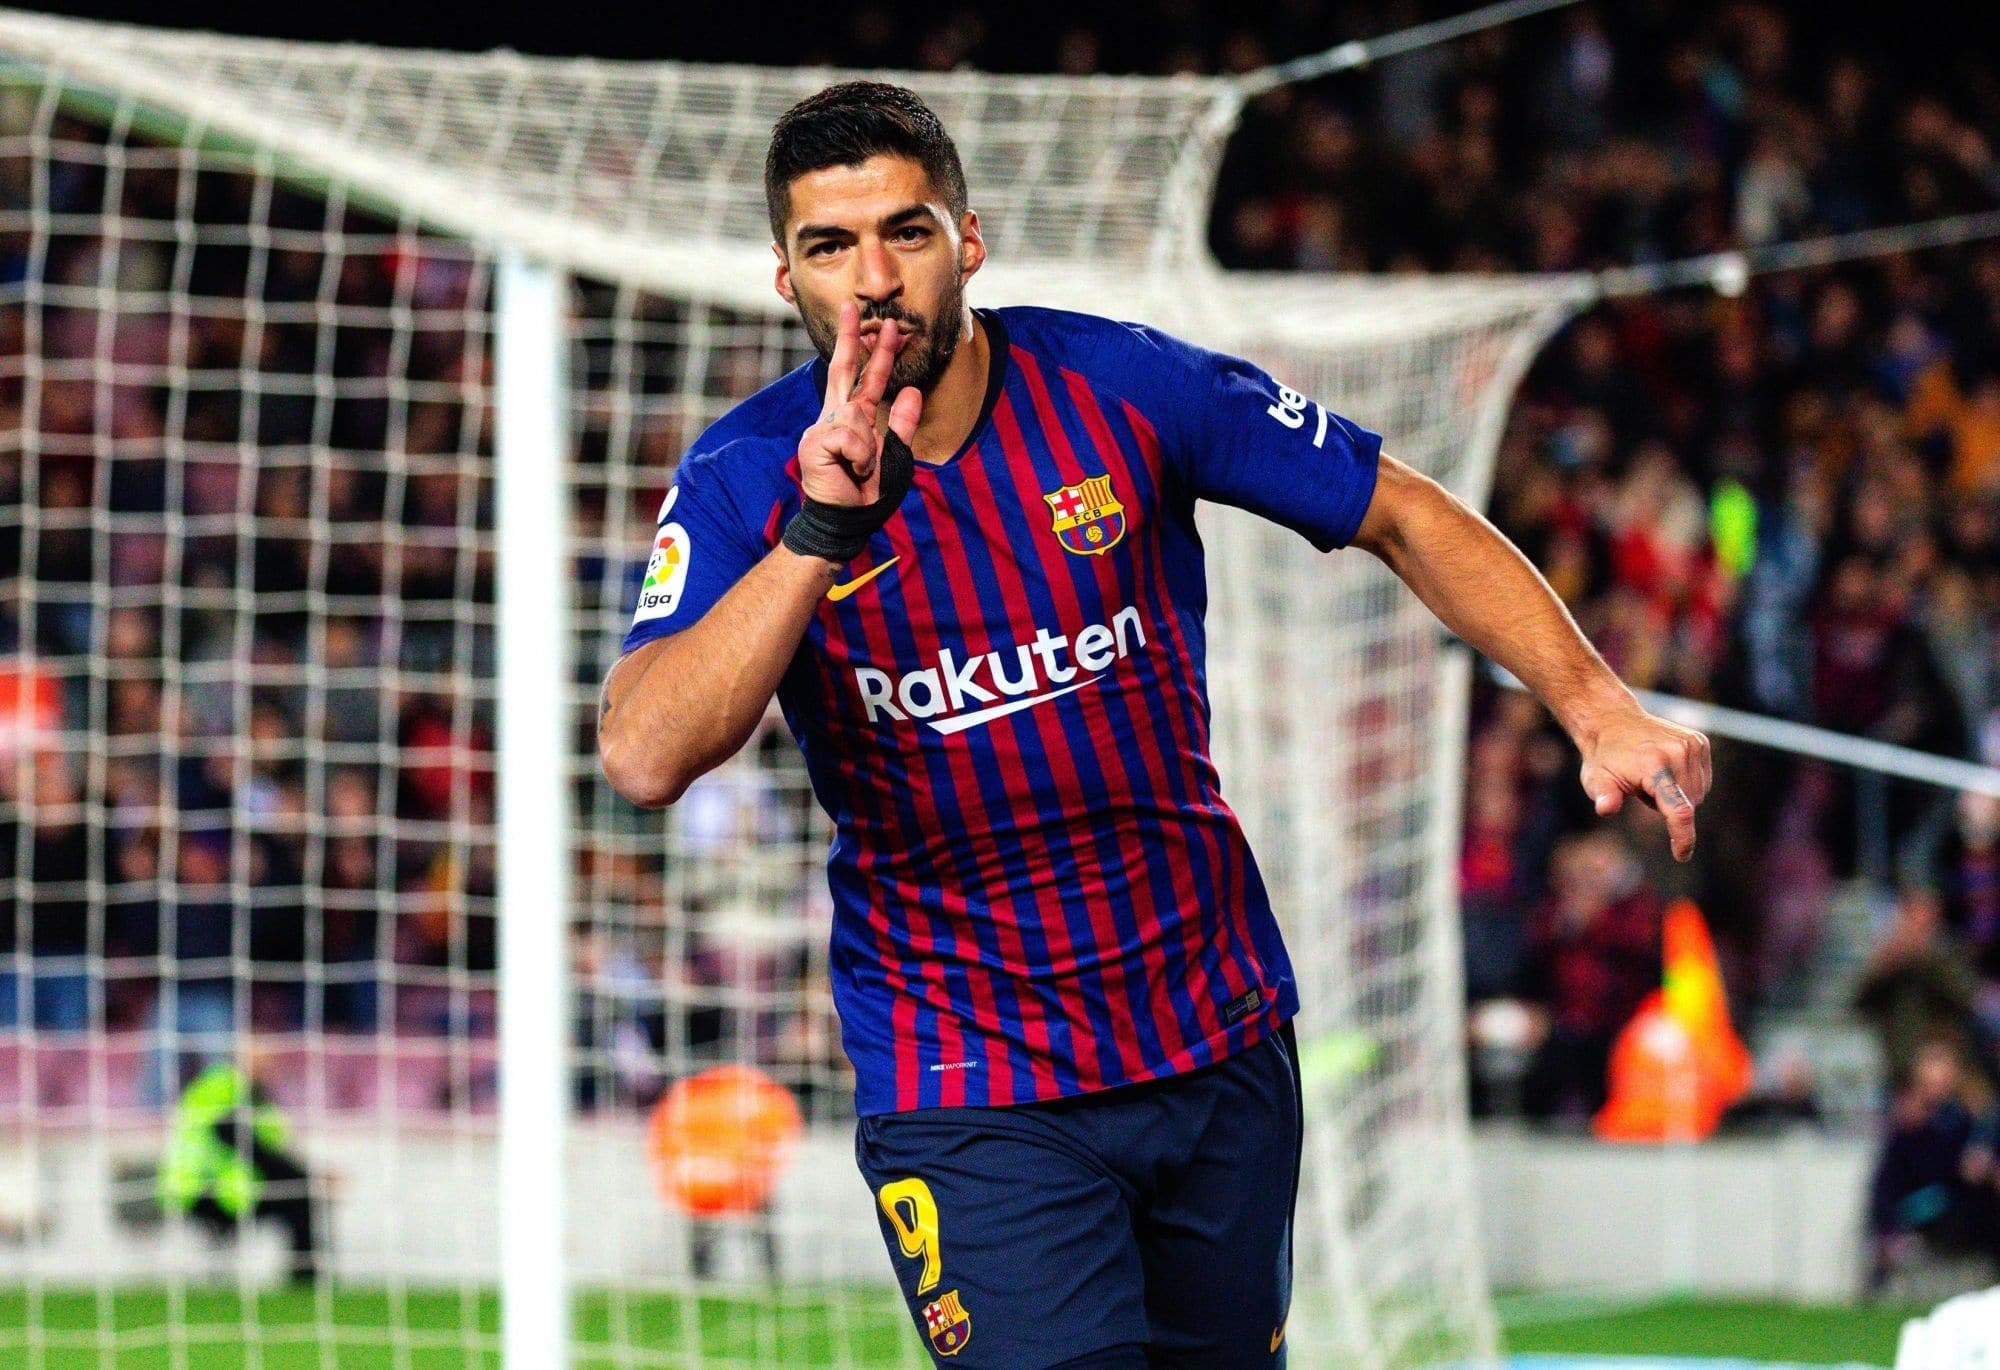 Champions League: FC Barcelona Beat Inter Milan 2-1; Luis Suarez scores twice